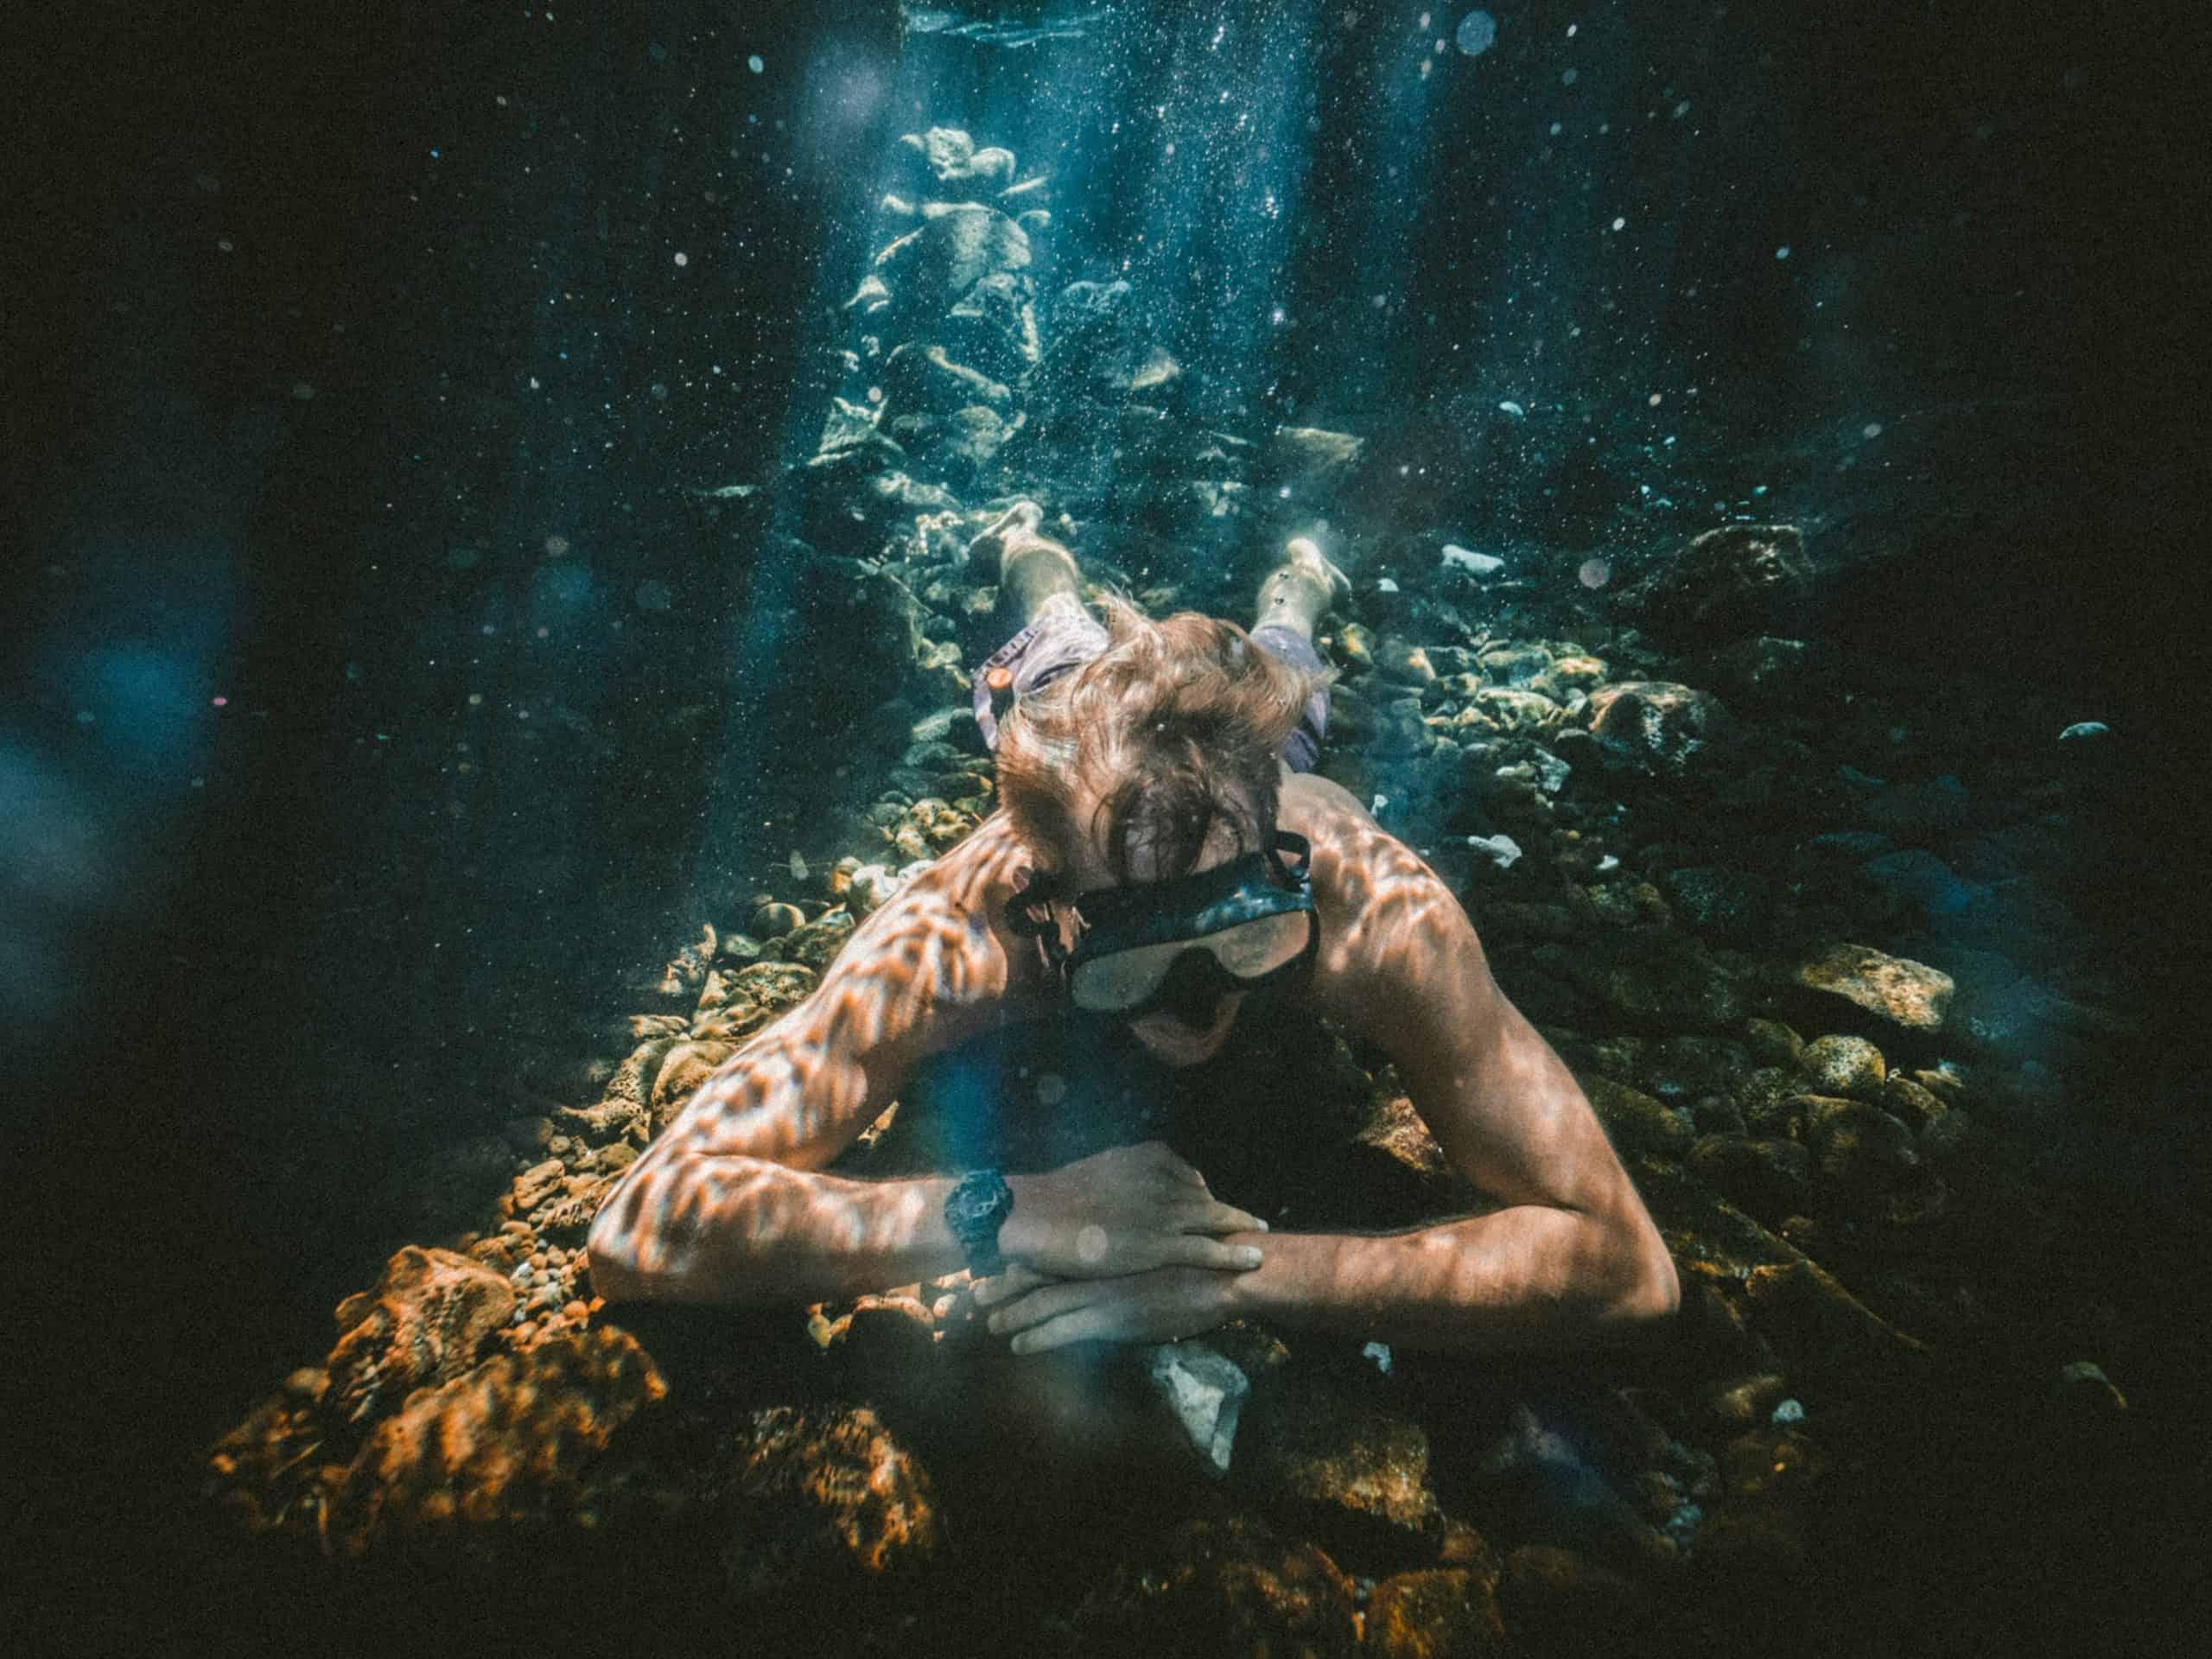 Taucheruhren Bild Jakob Owens